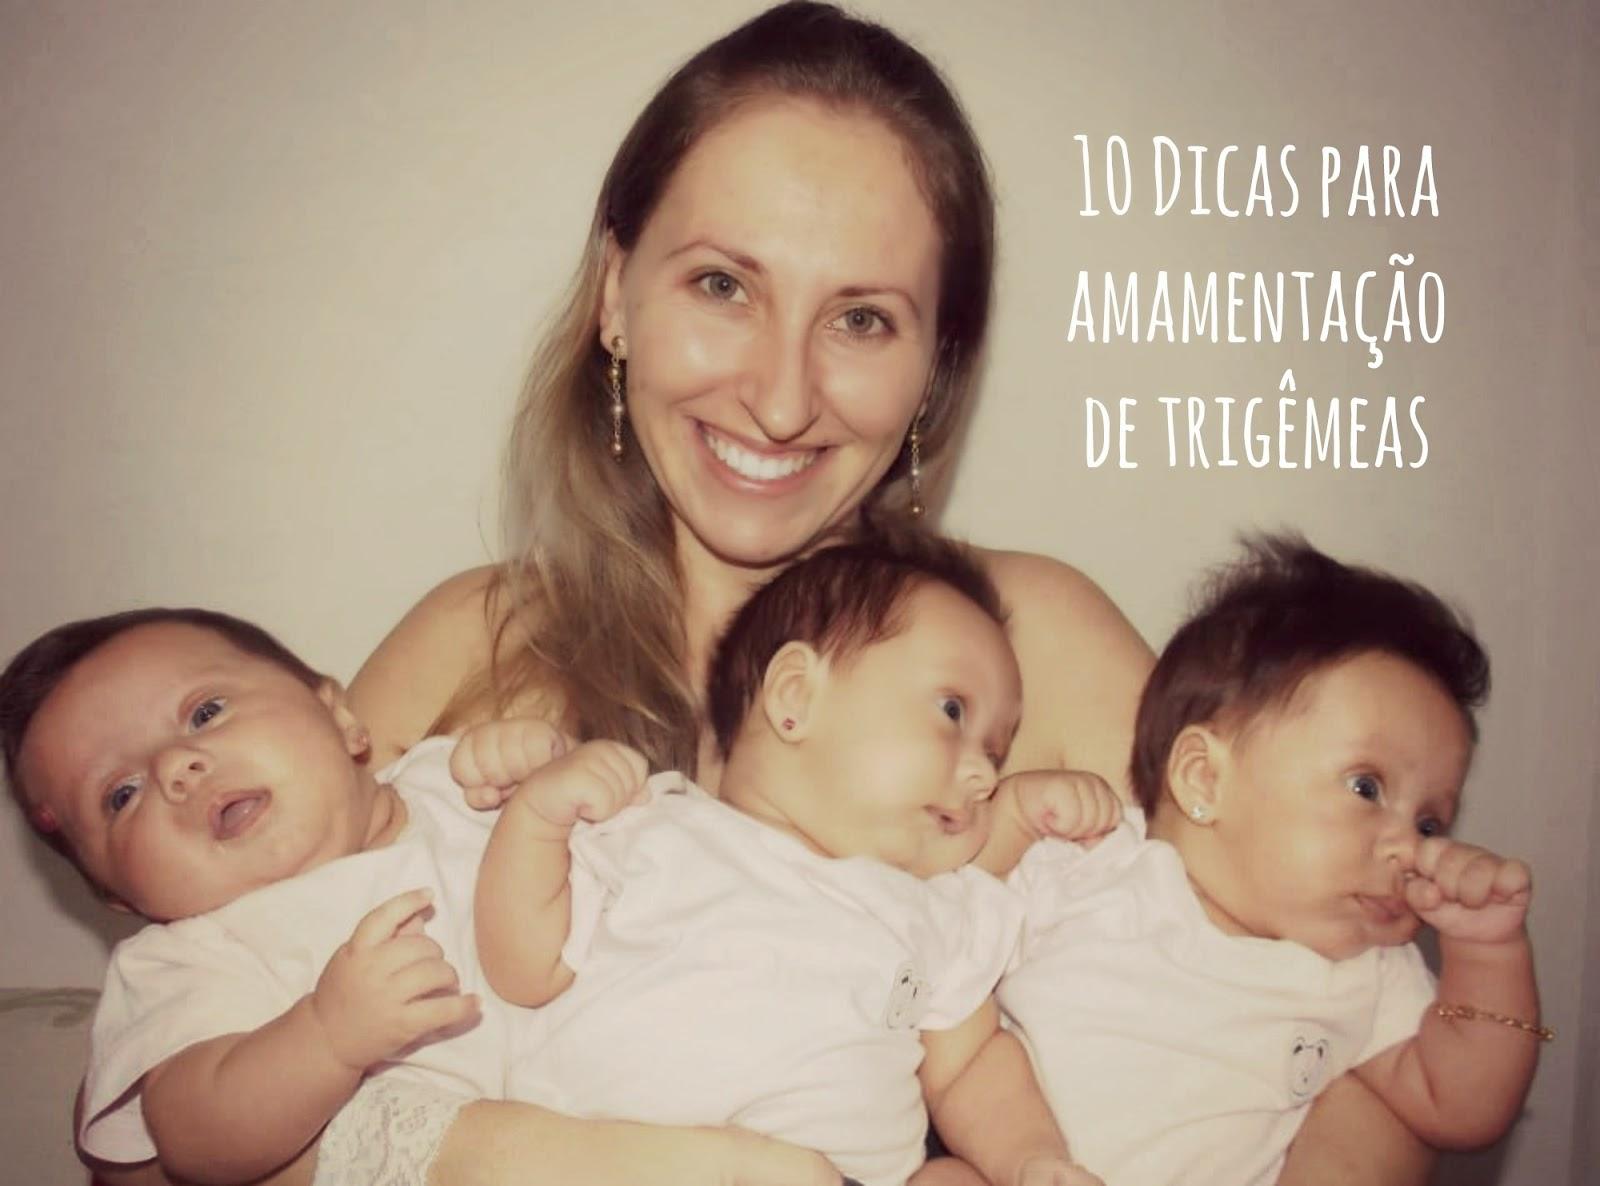 10 Dicas para amamentação de trigêmeas